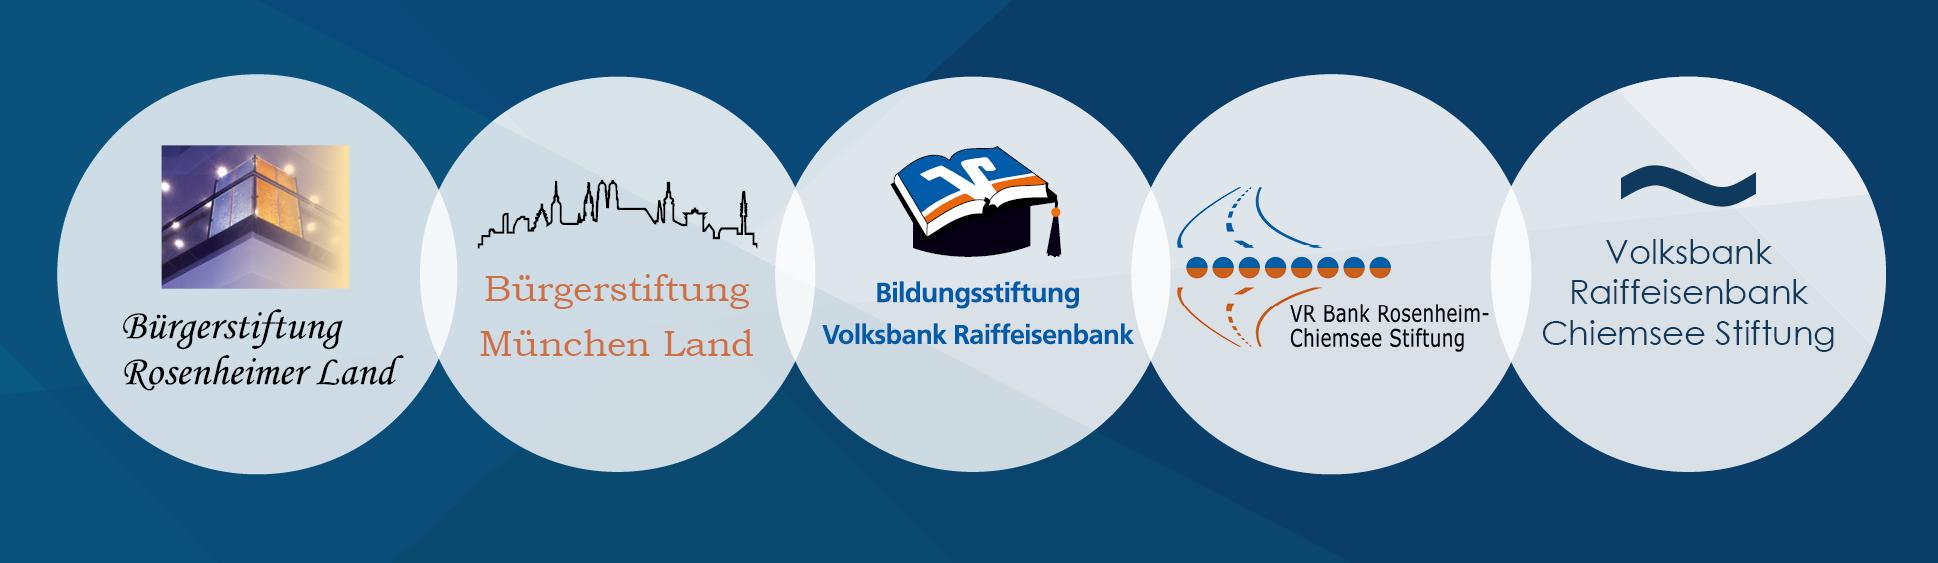 Stiftungen der Volksbank Raiffeisenbank Rosenheim-Chiemsee eG